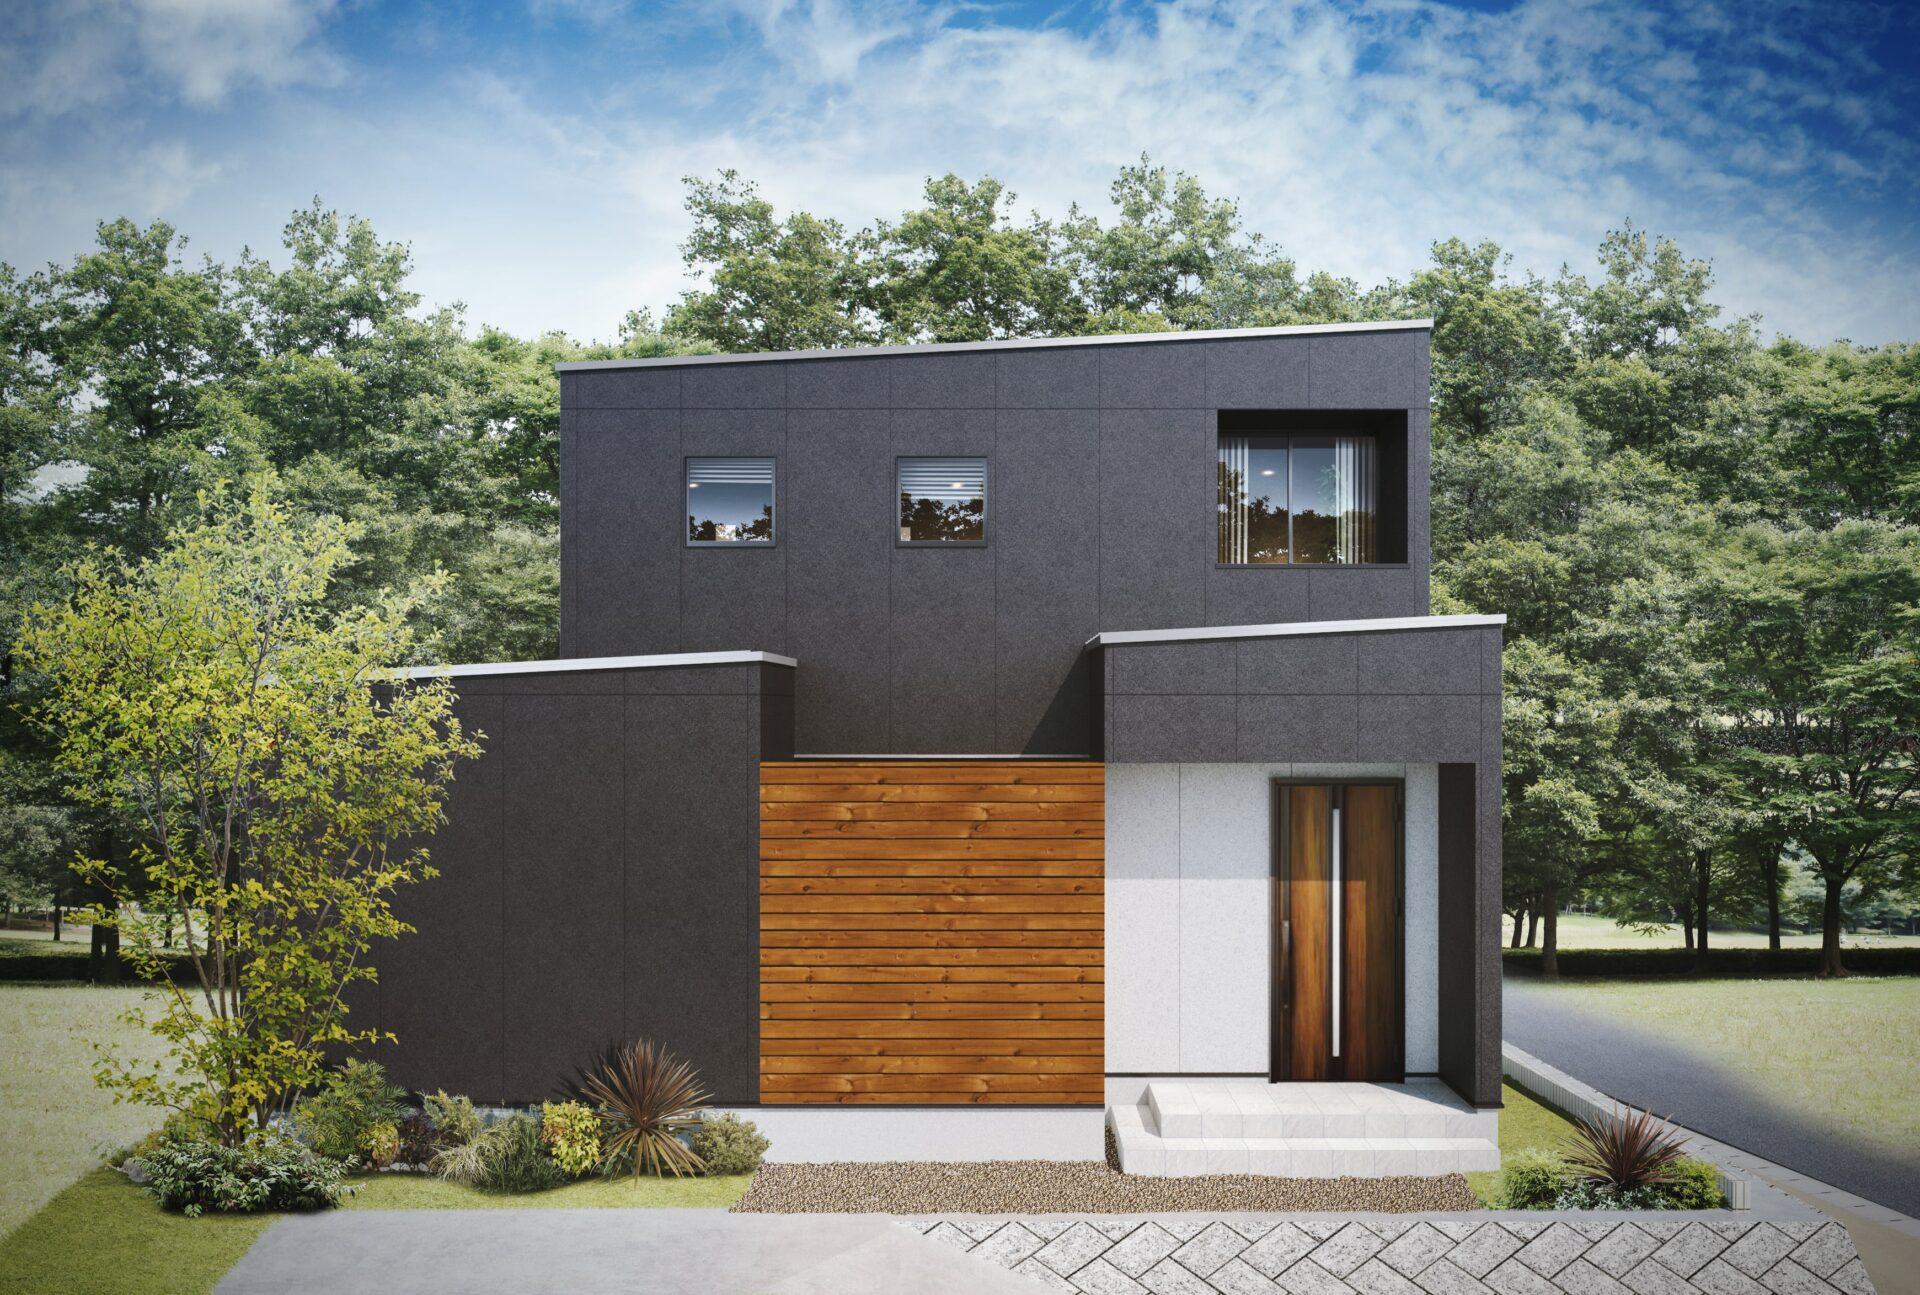 2/27(土)28(日)【長崎の家】モデルハウス・ご案内会のご予約はこちらです。